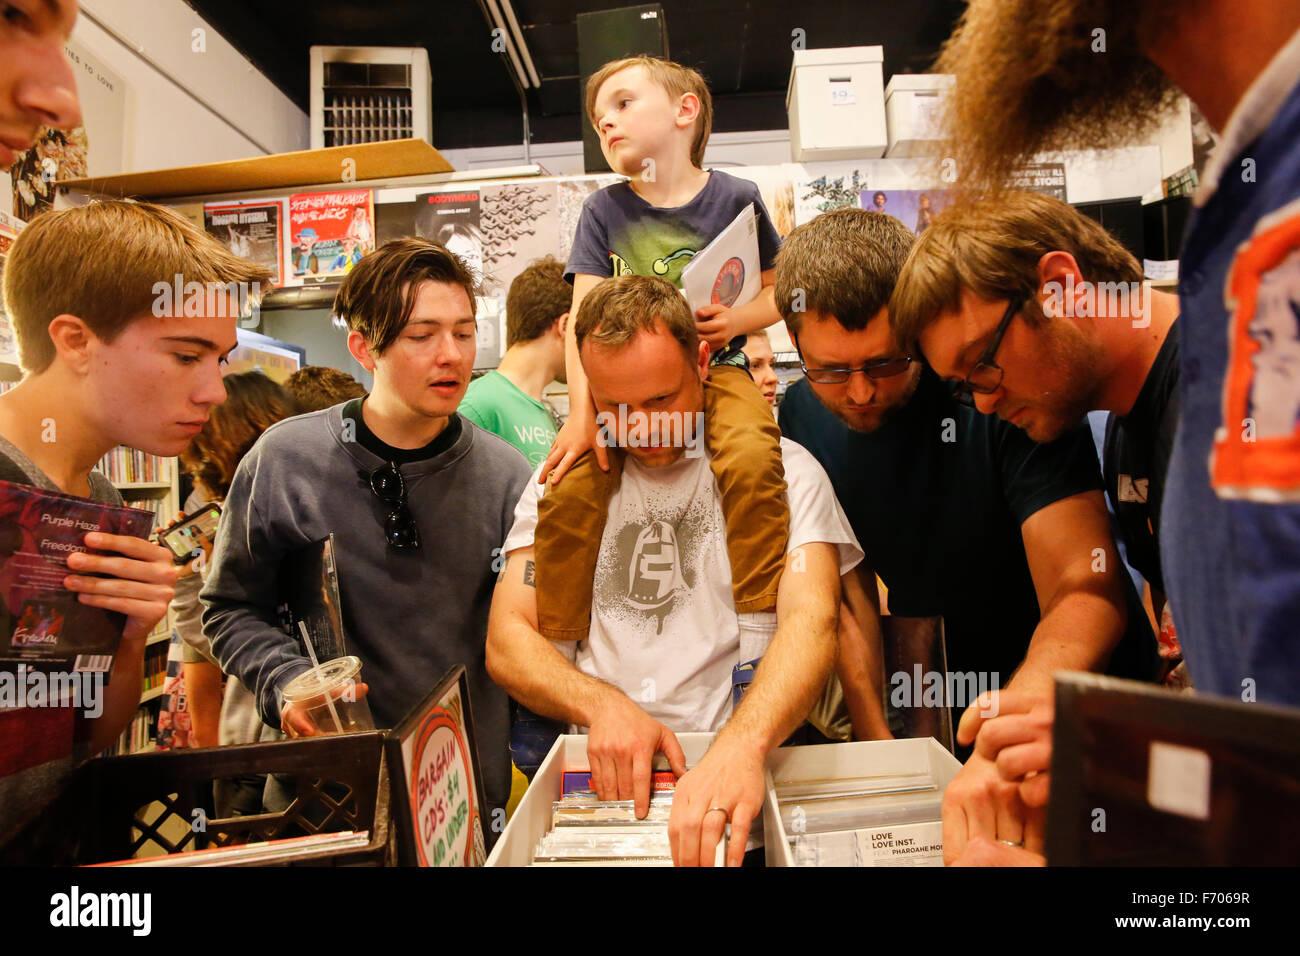 Vinile acquirenti record per record Store Day 2015 pack localmente di proprietà archivio record record senza Immagini Stock